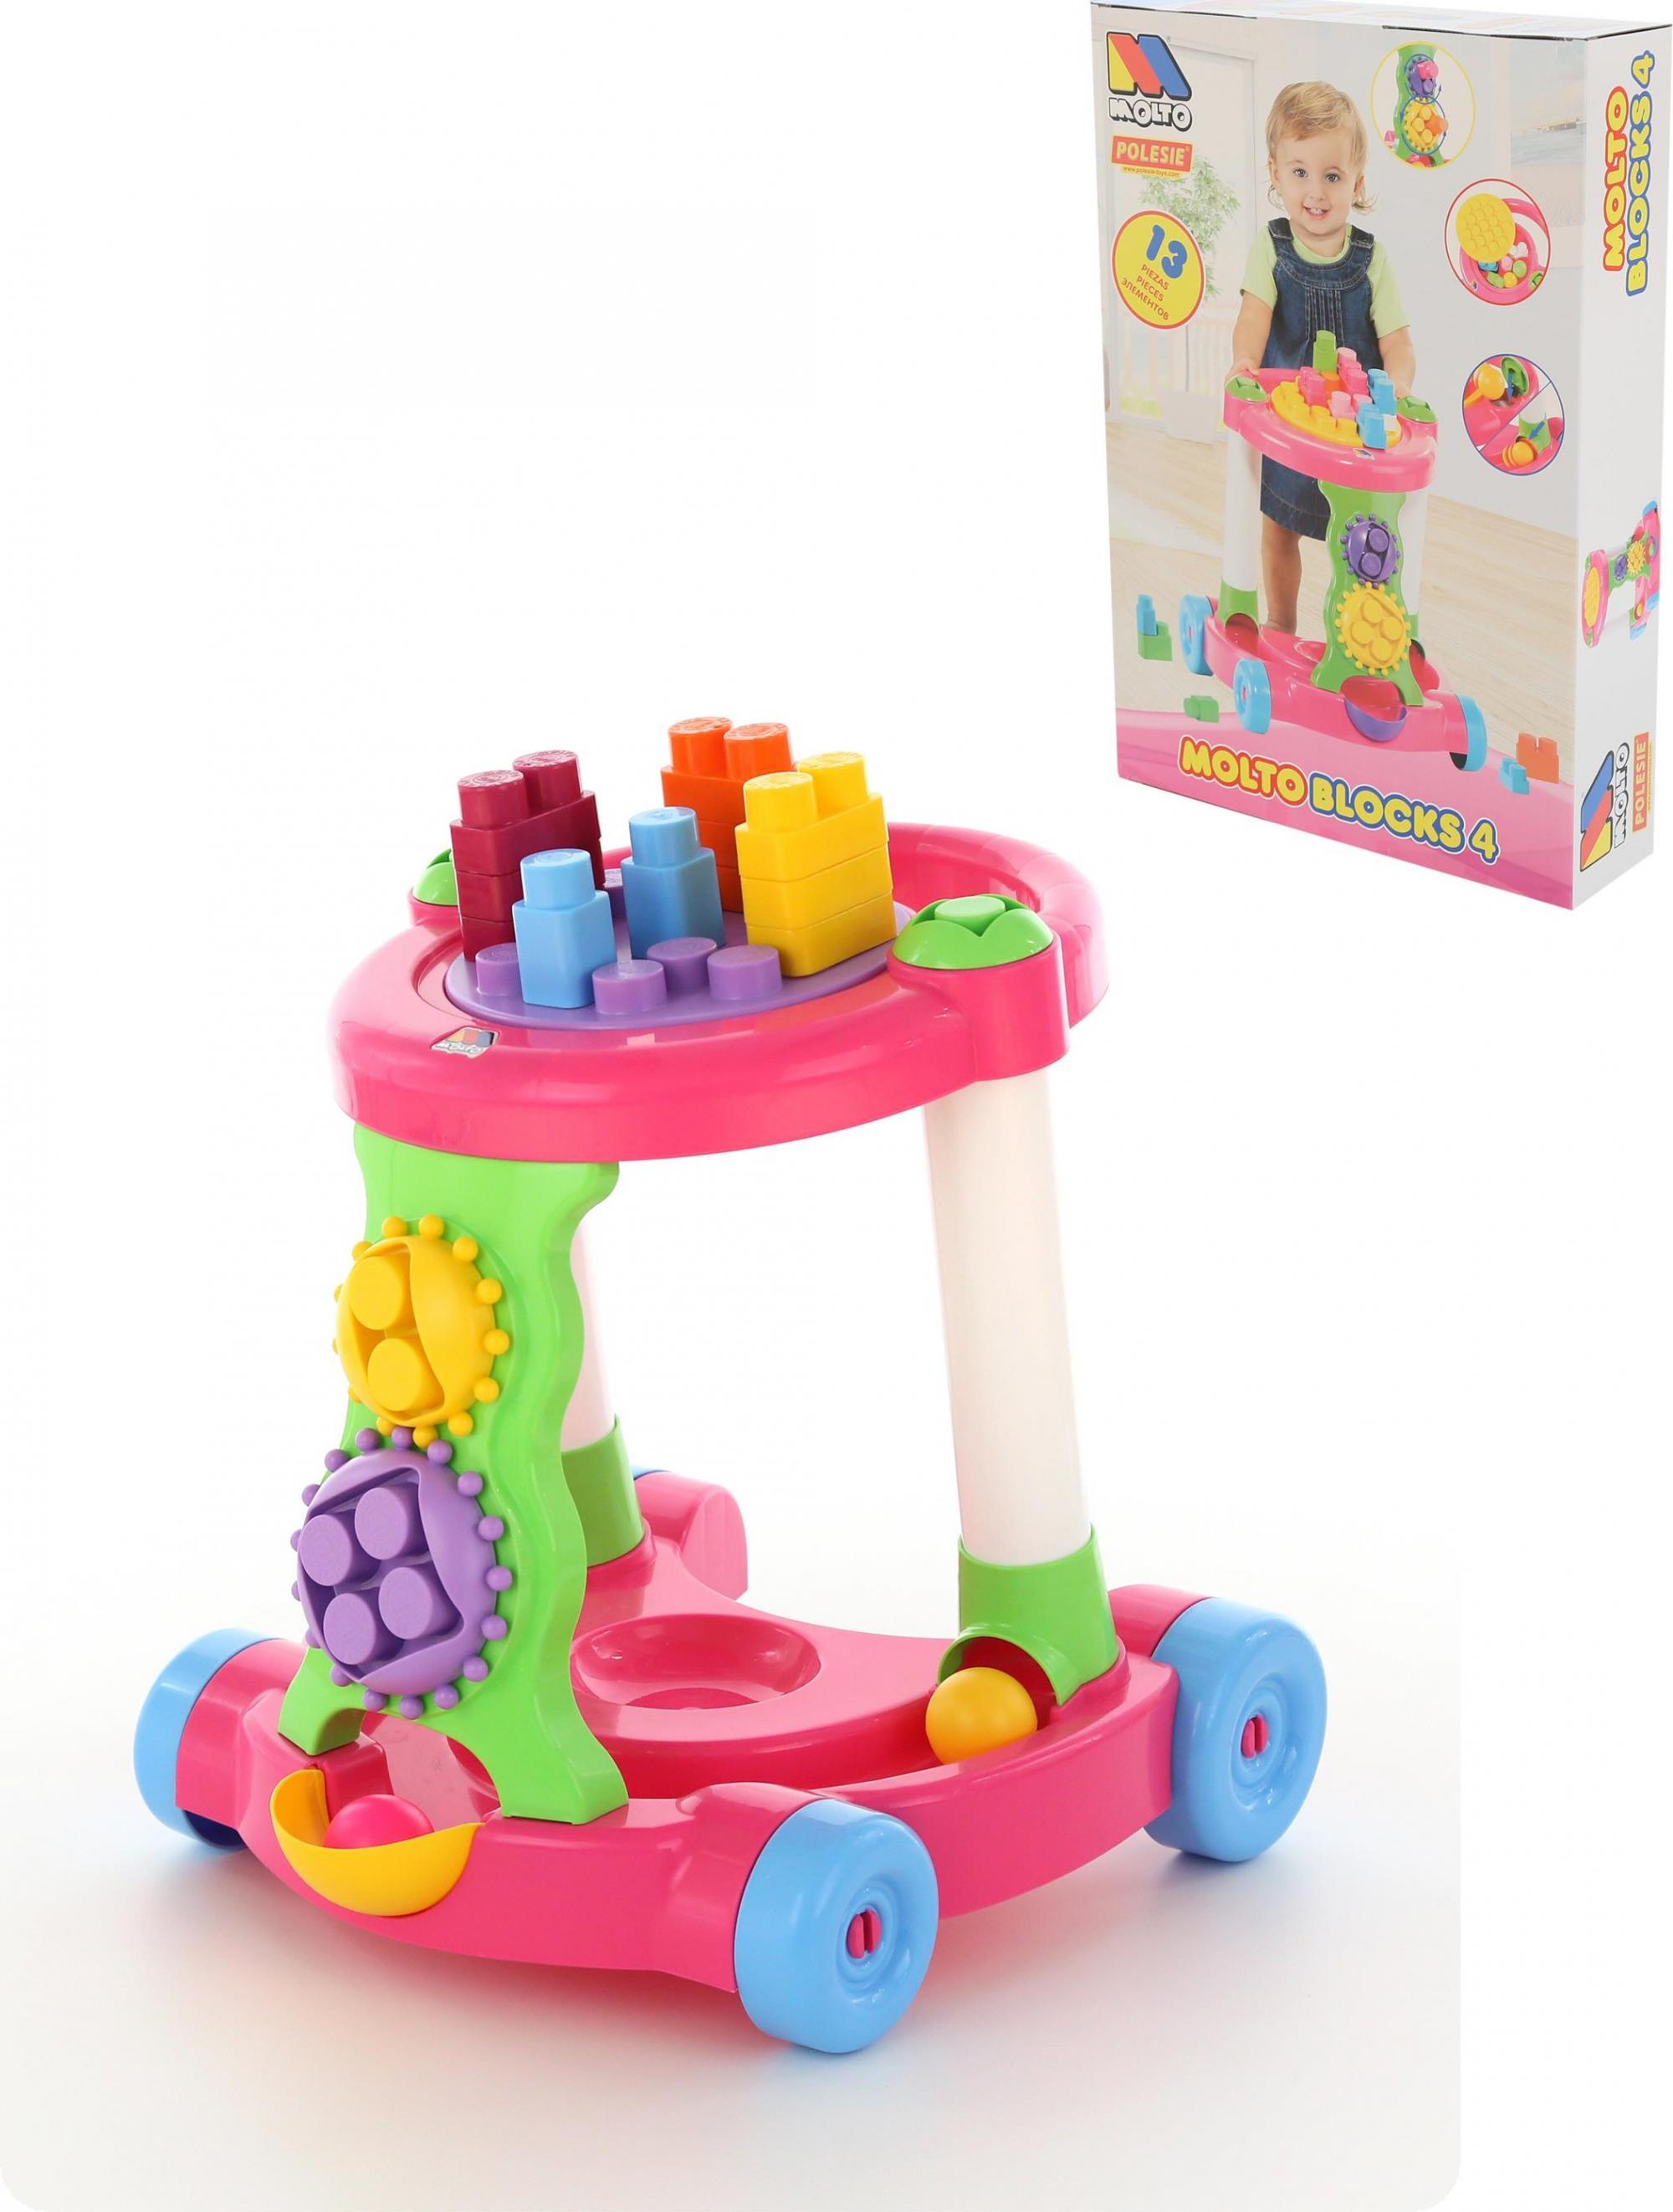 Каталка игровая с конструктором, розовая - Ходунки, артикул: 148015